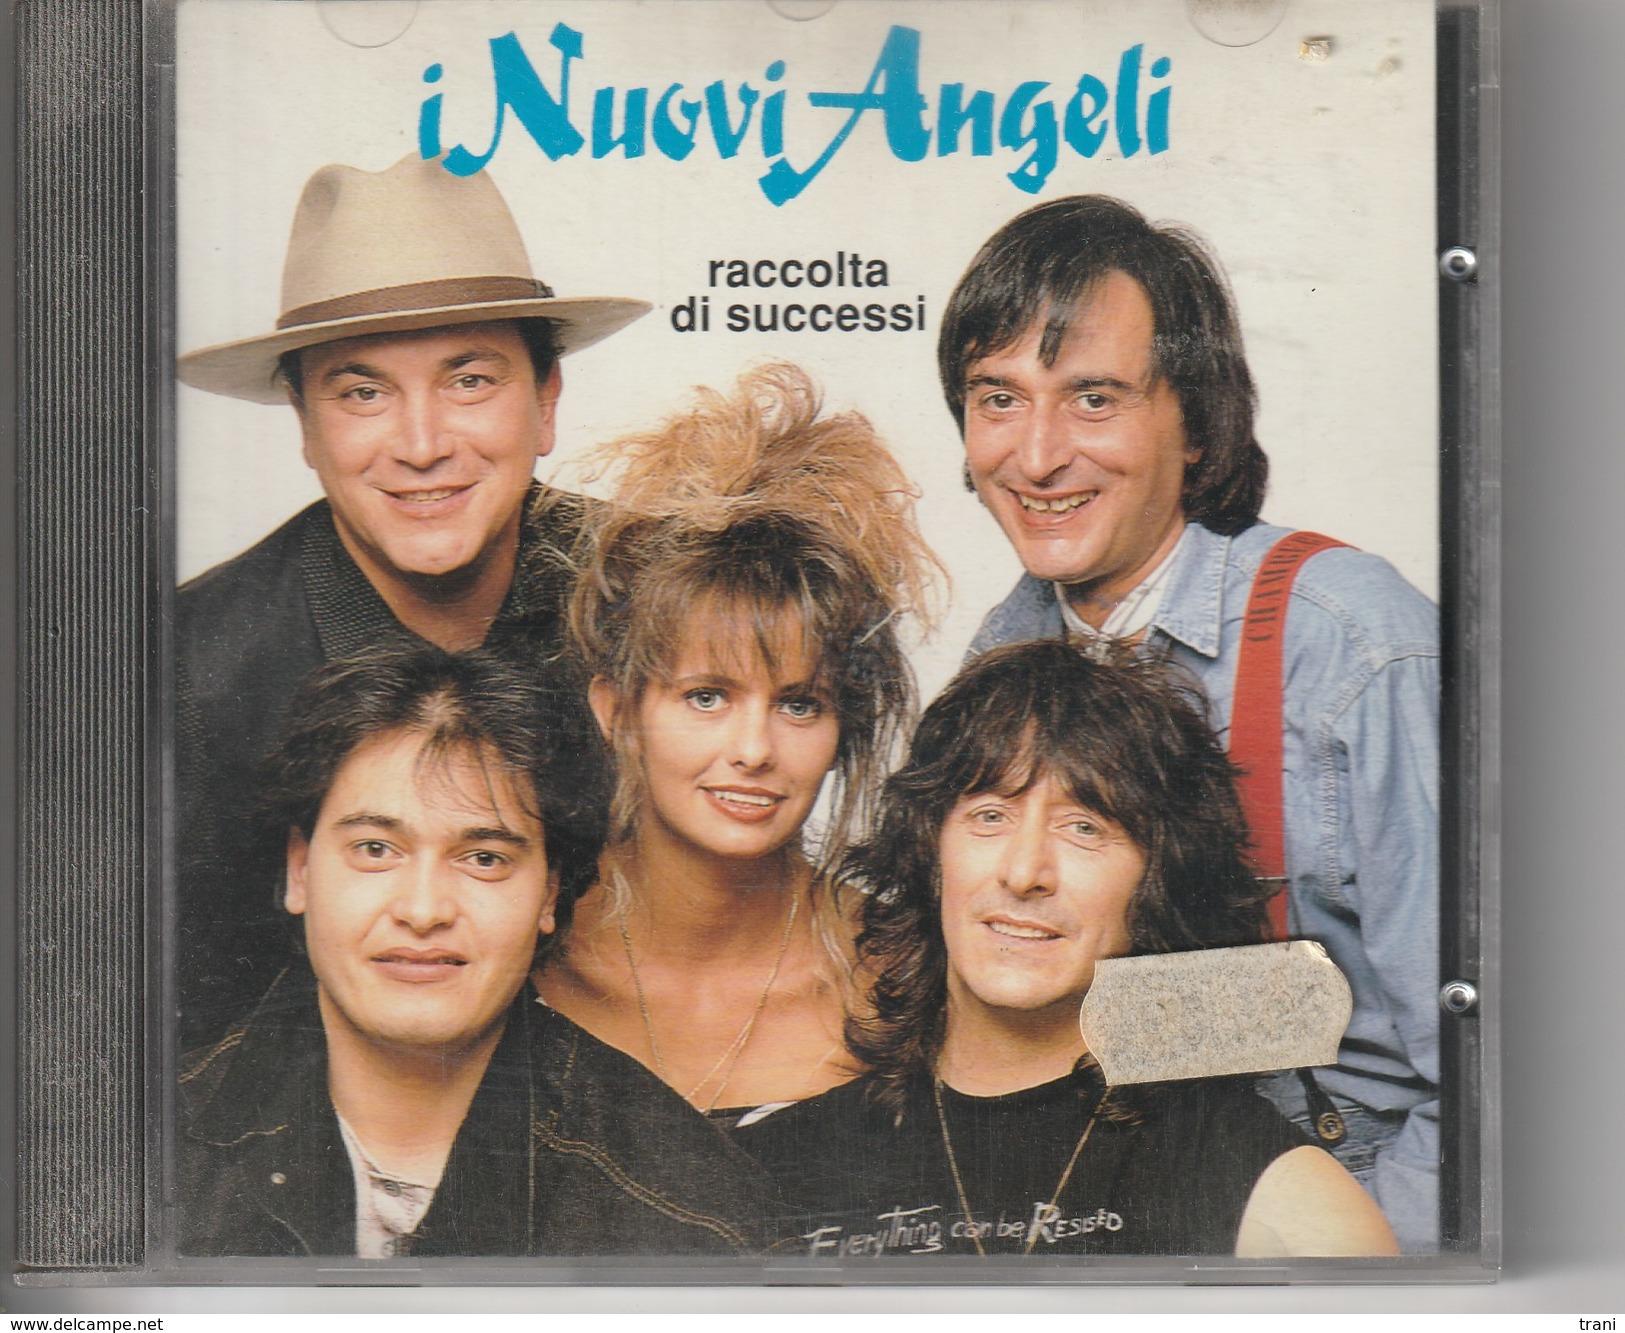 I NUOVI ANGELI - RACCOLTA DI SUCCESSI - Anno 1996 - Disco, Pop